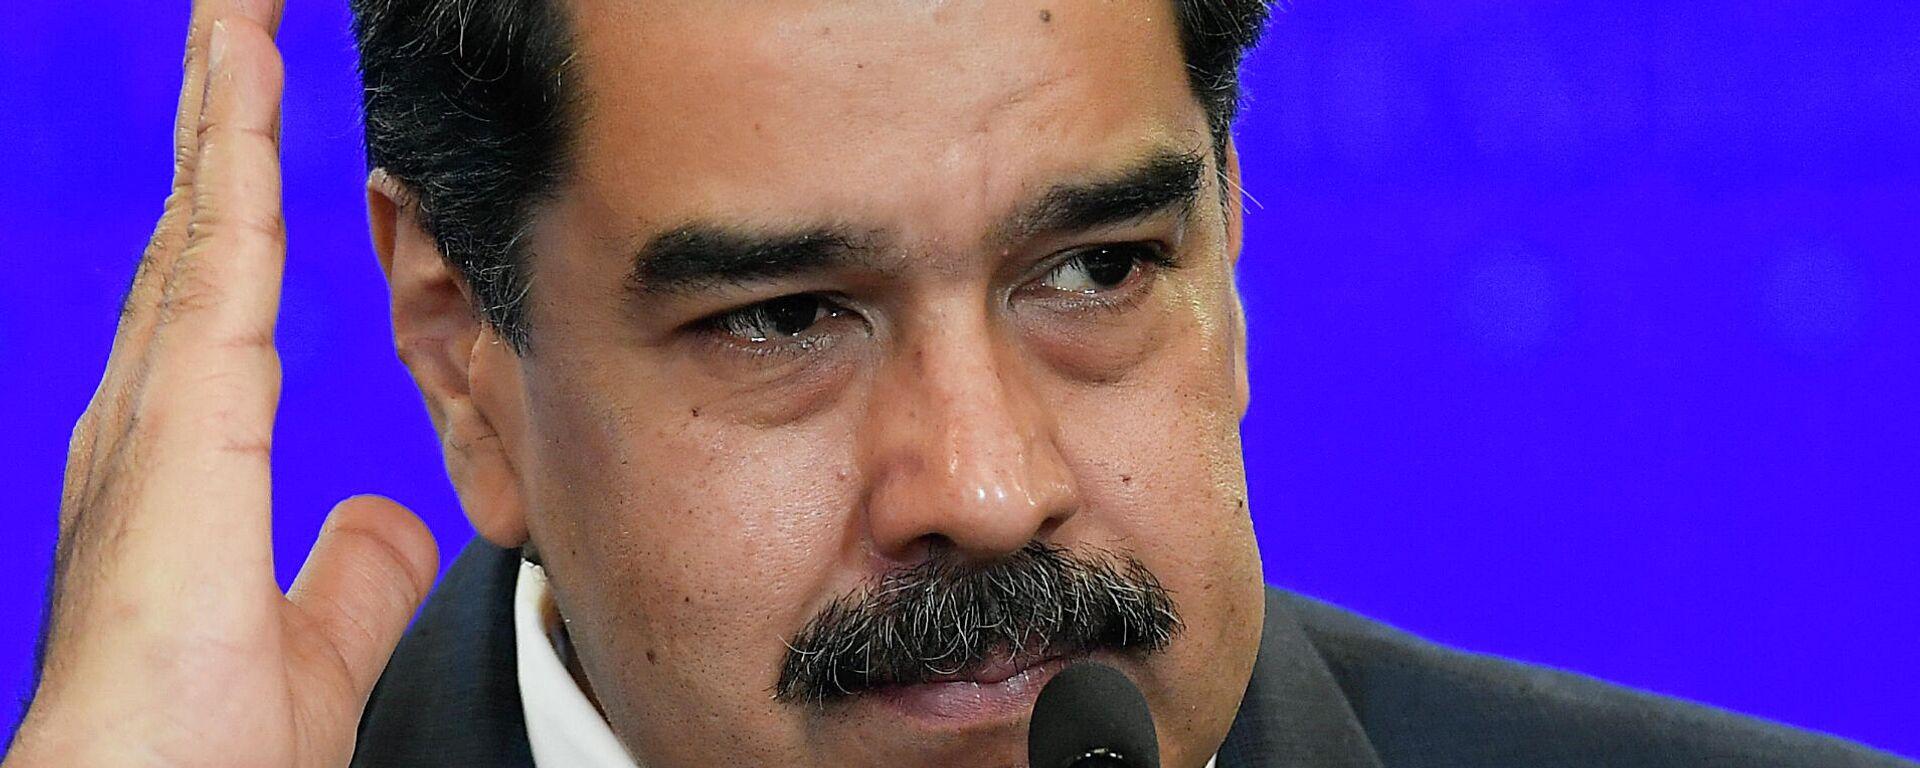 Nicolás Maduro, presidente de Venezuela - Sputnik Mundo, 1920, 07.09.2021